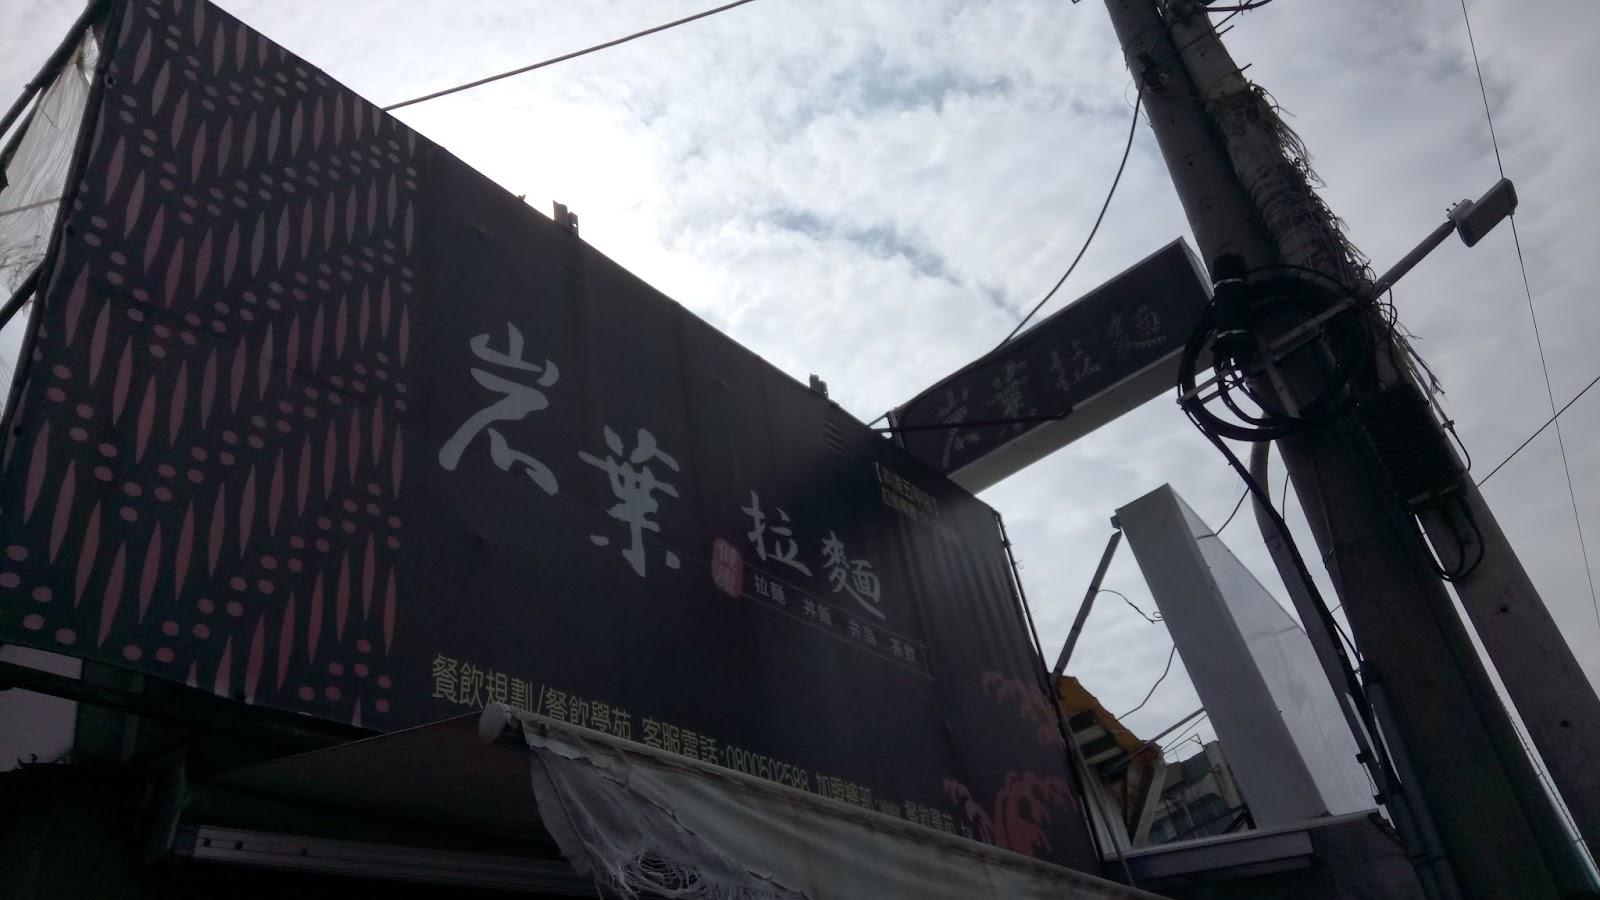 [南部] 高雄市鳳山區【岩葉拉麵】平價暖心的日式拉麵 多層次口感的韓日交融